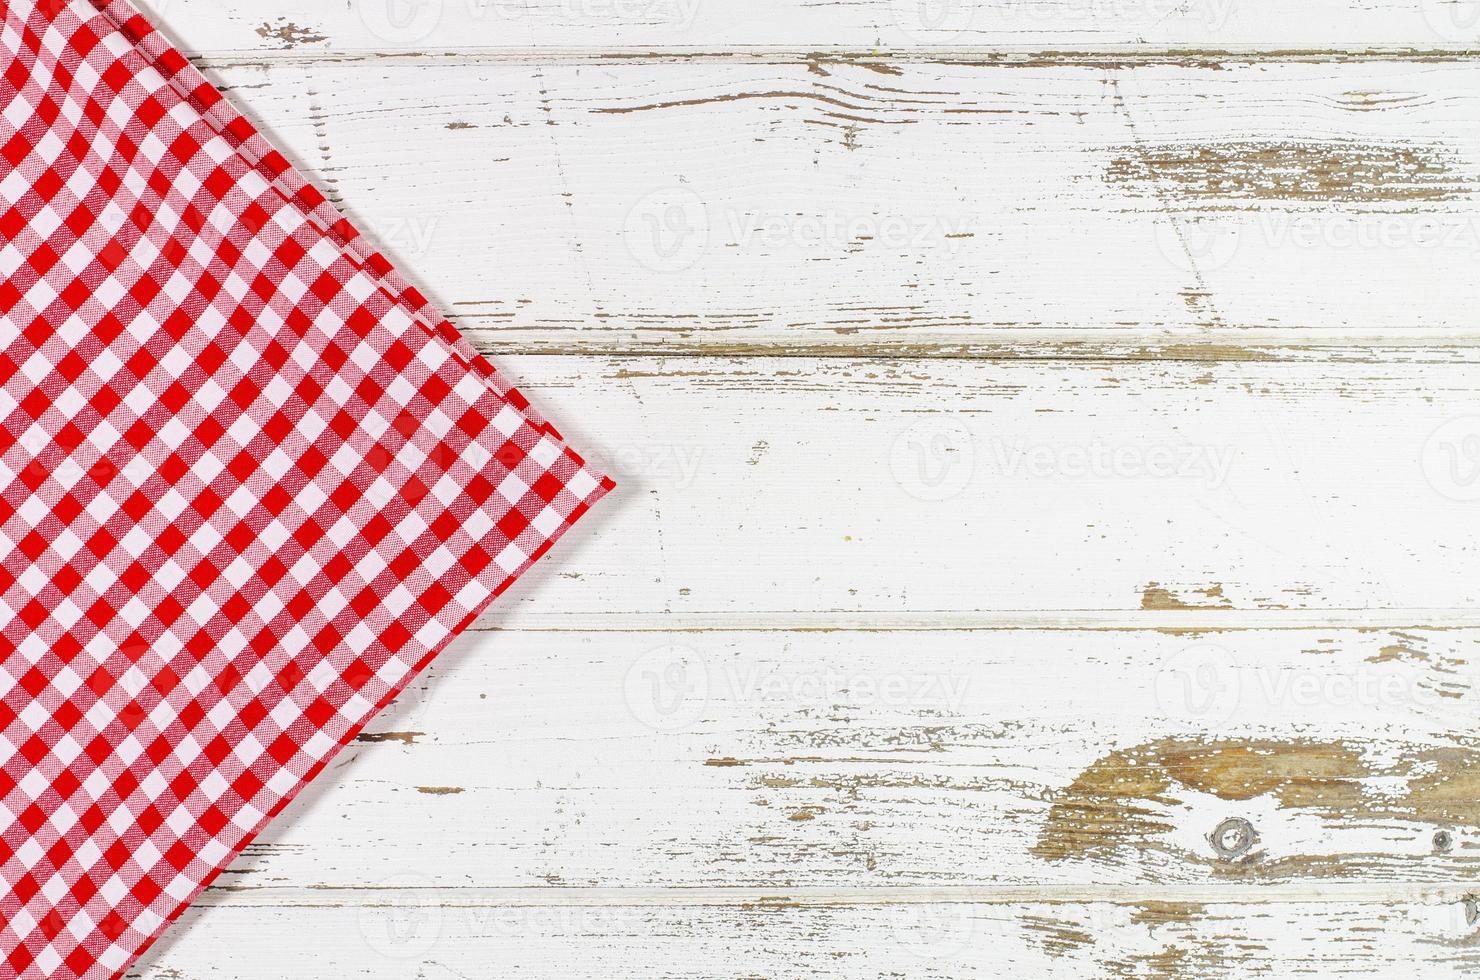 toalha de mesa vermelha sobre mesa de madeira foto